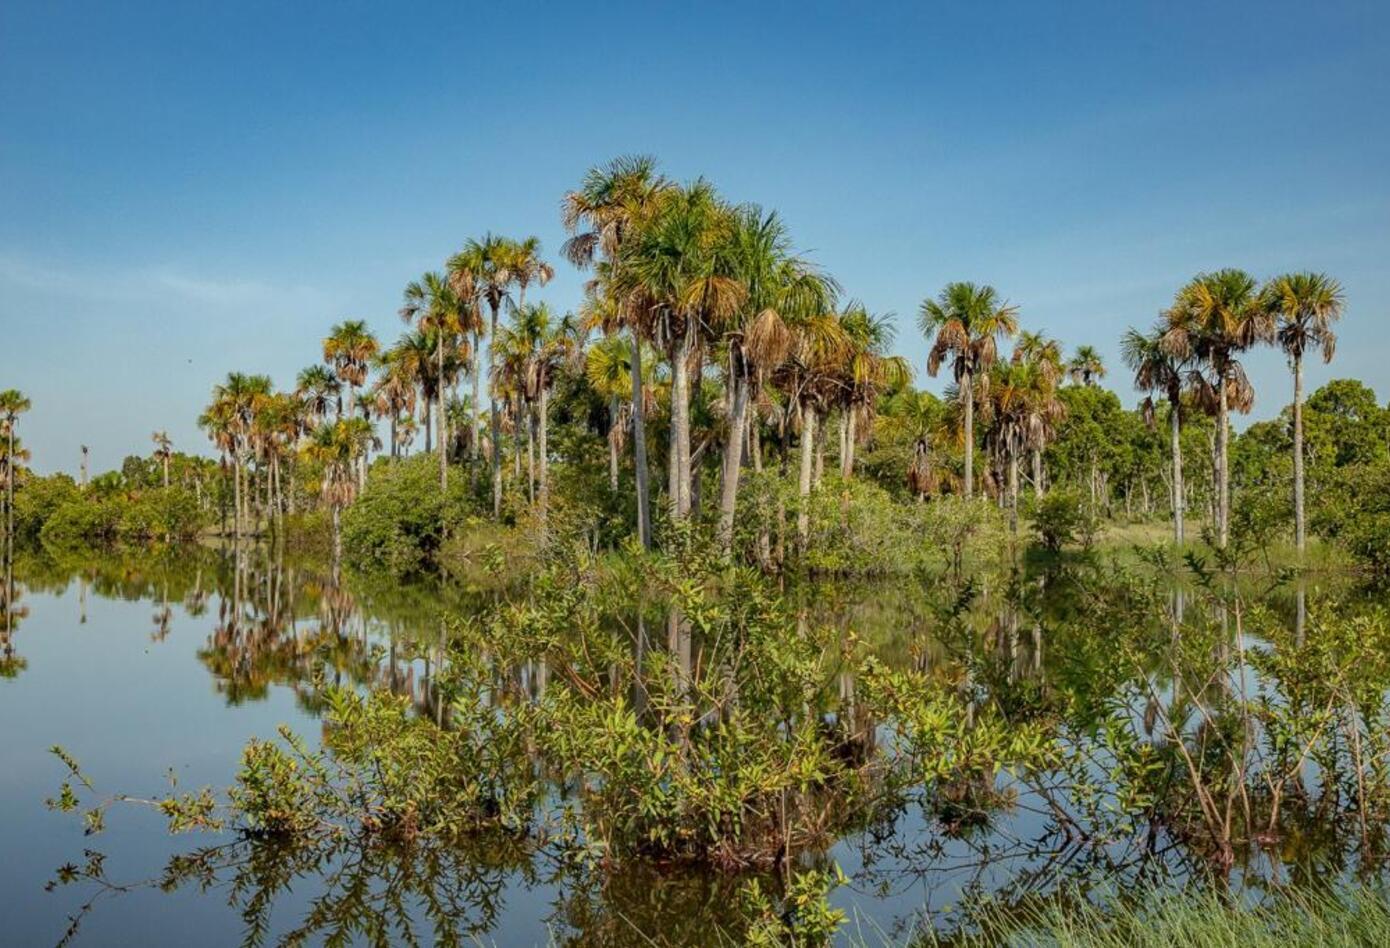 La cuenca del río Tillavá abarca cerca de 3.000 kilómetros cuadrados del municipio de Puerto Gaitán (Meta).